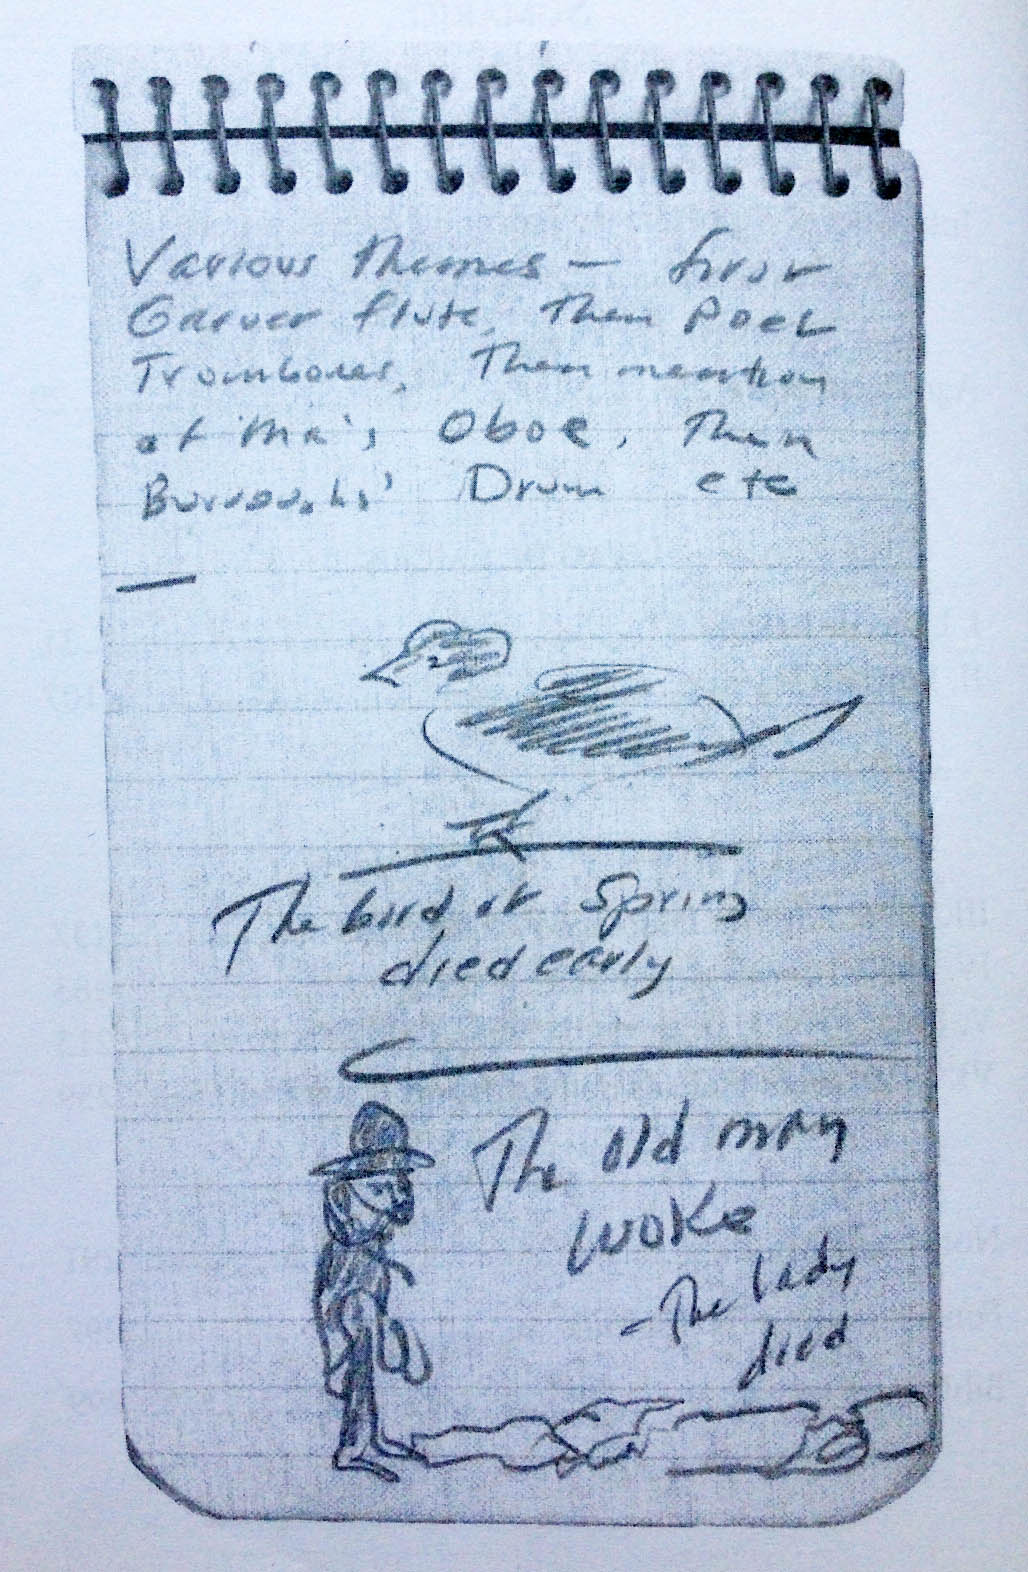 Página de um dos caderninhos de Jack Kerouac, com seus desenhos e haicais